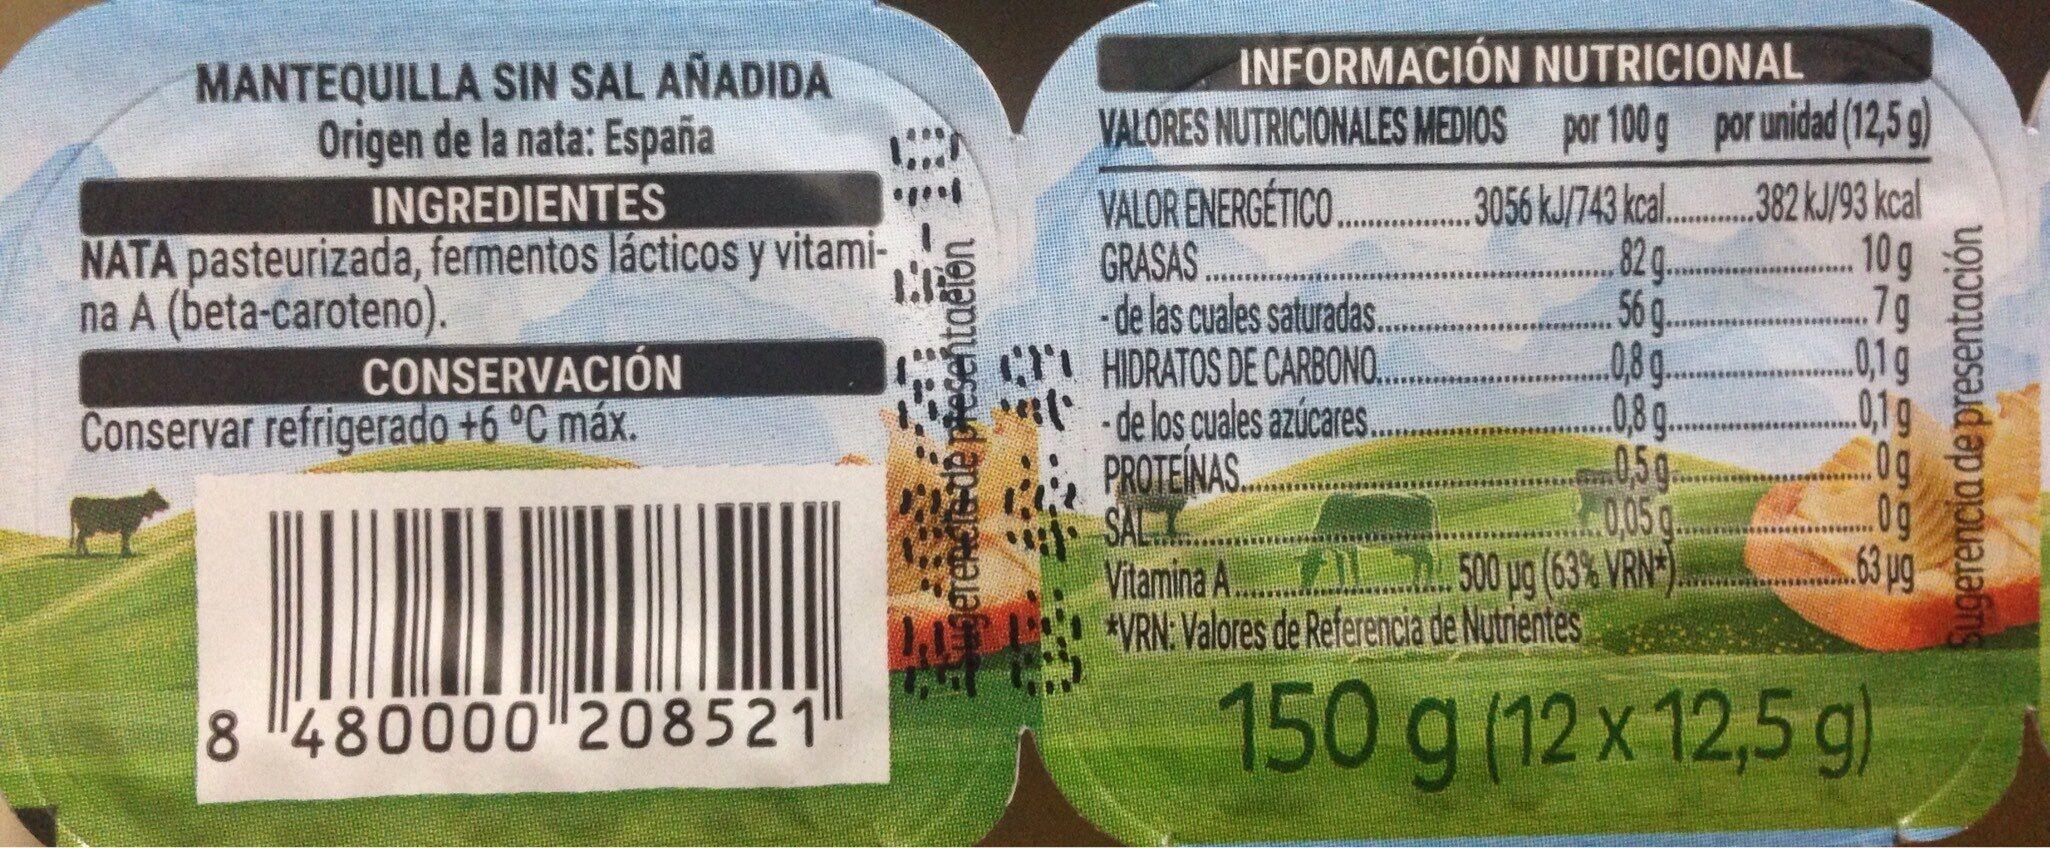 Mantequilla Sin Sal Añadida - Información nutricional - es